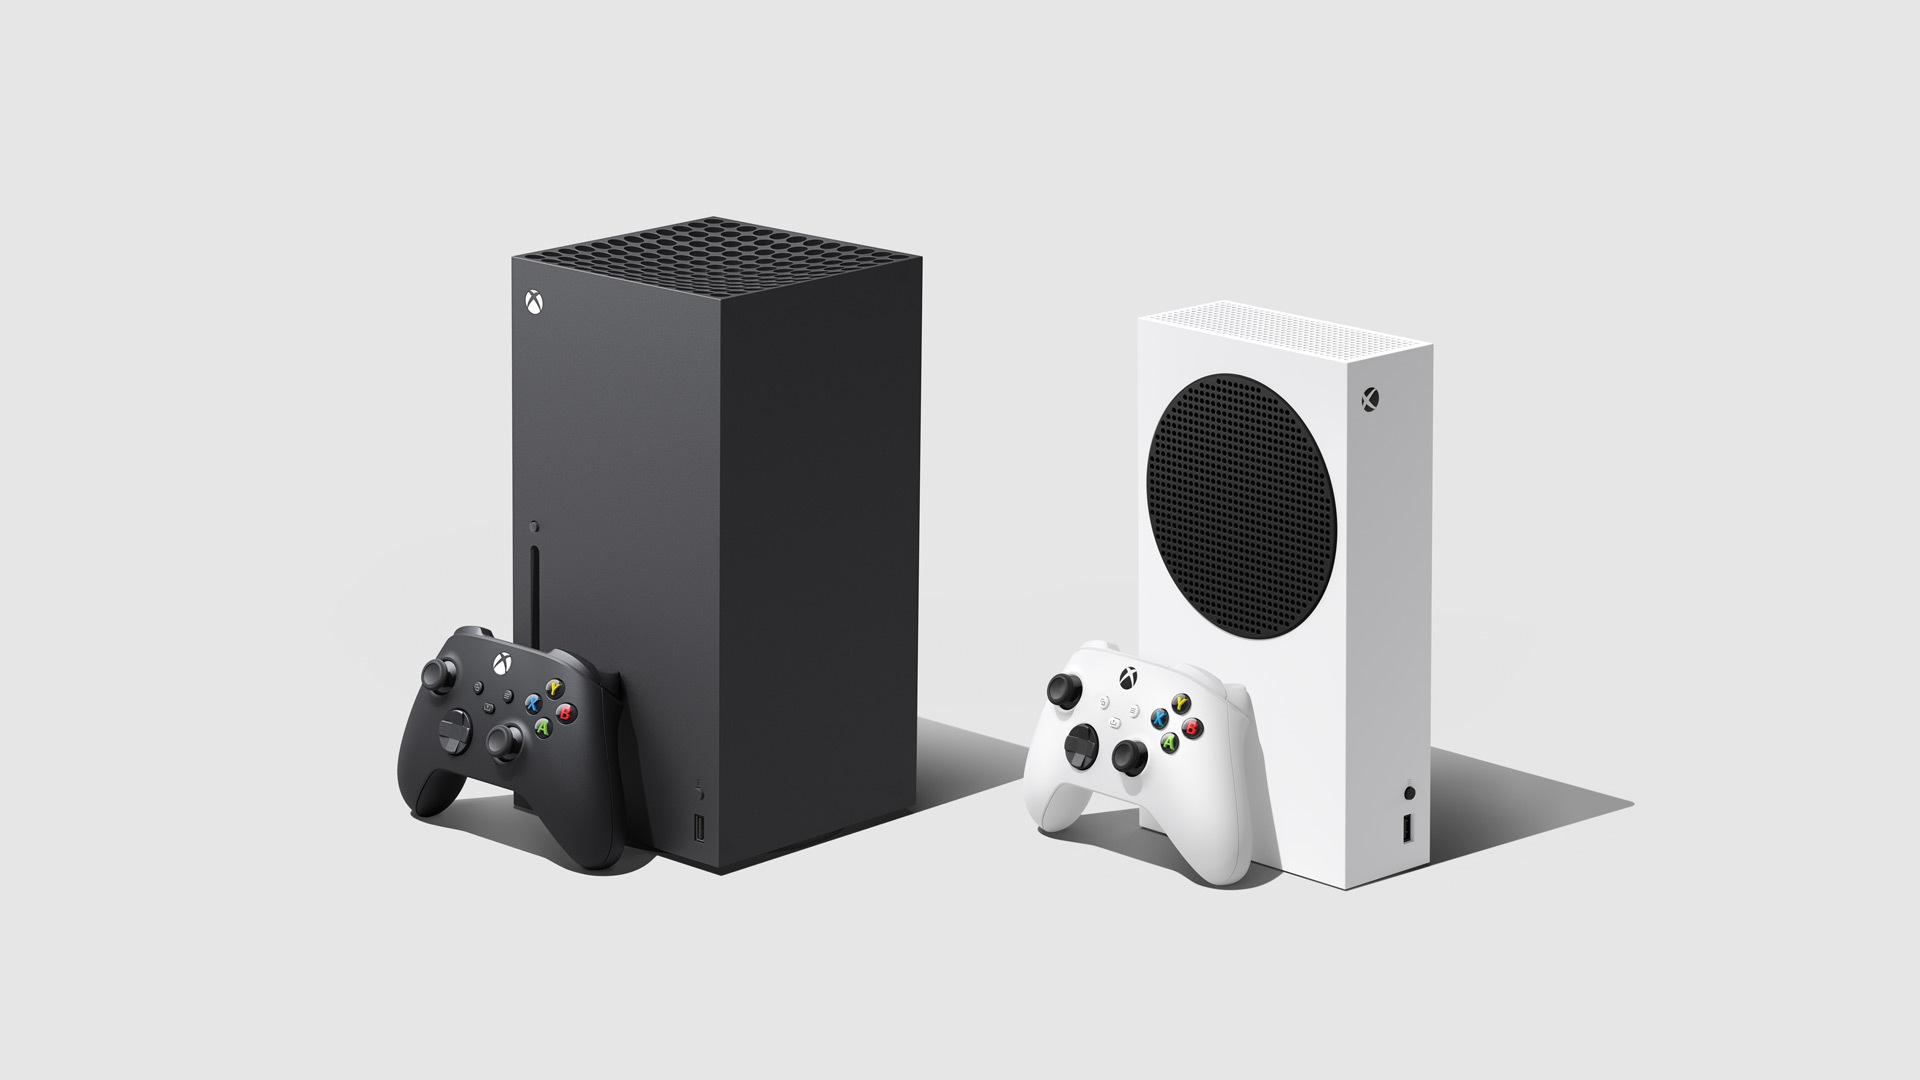 Rykte: Upp till 1,4 miljoner Xbox Series S/X såldes första dagen